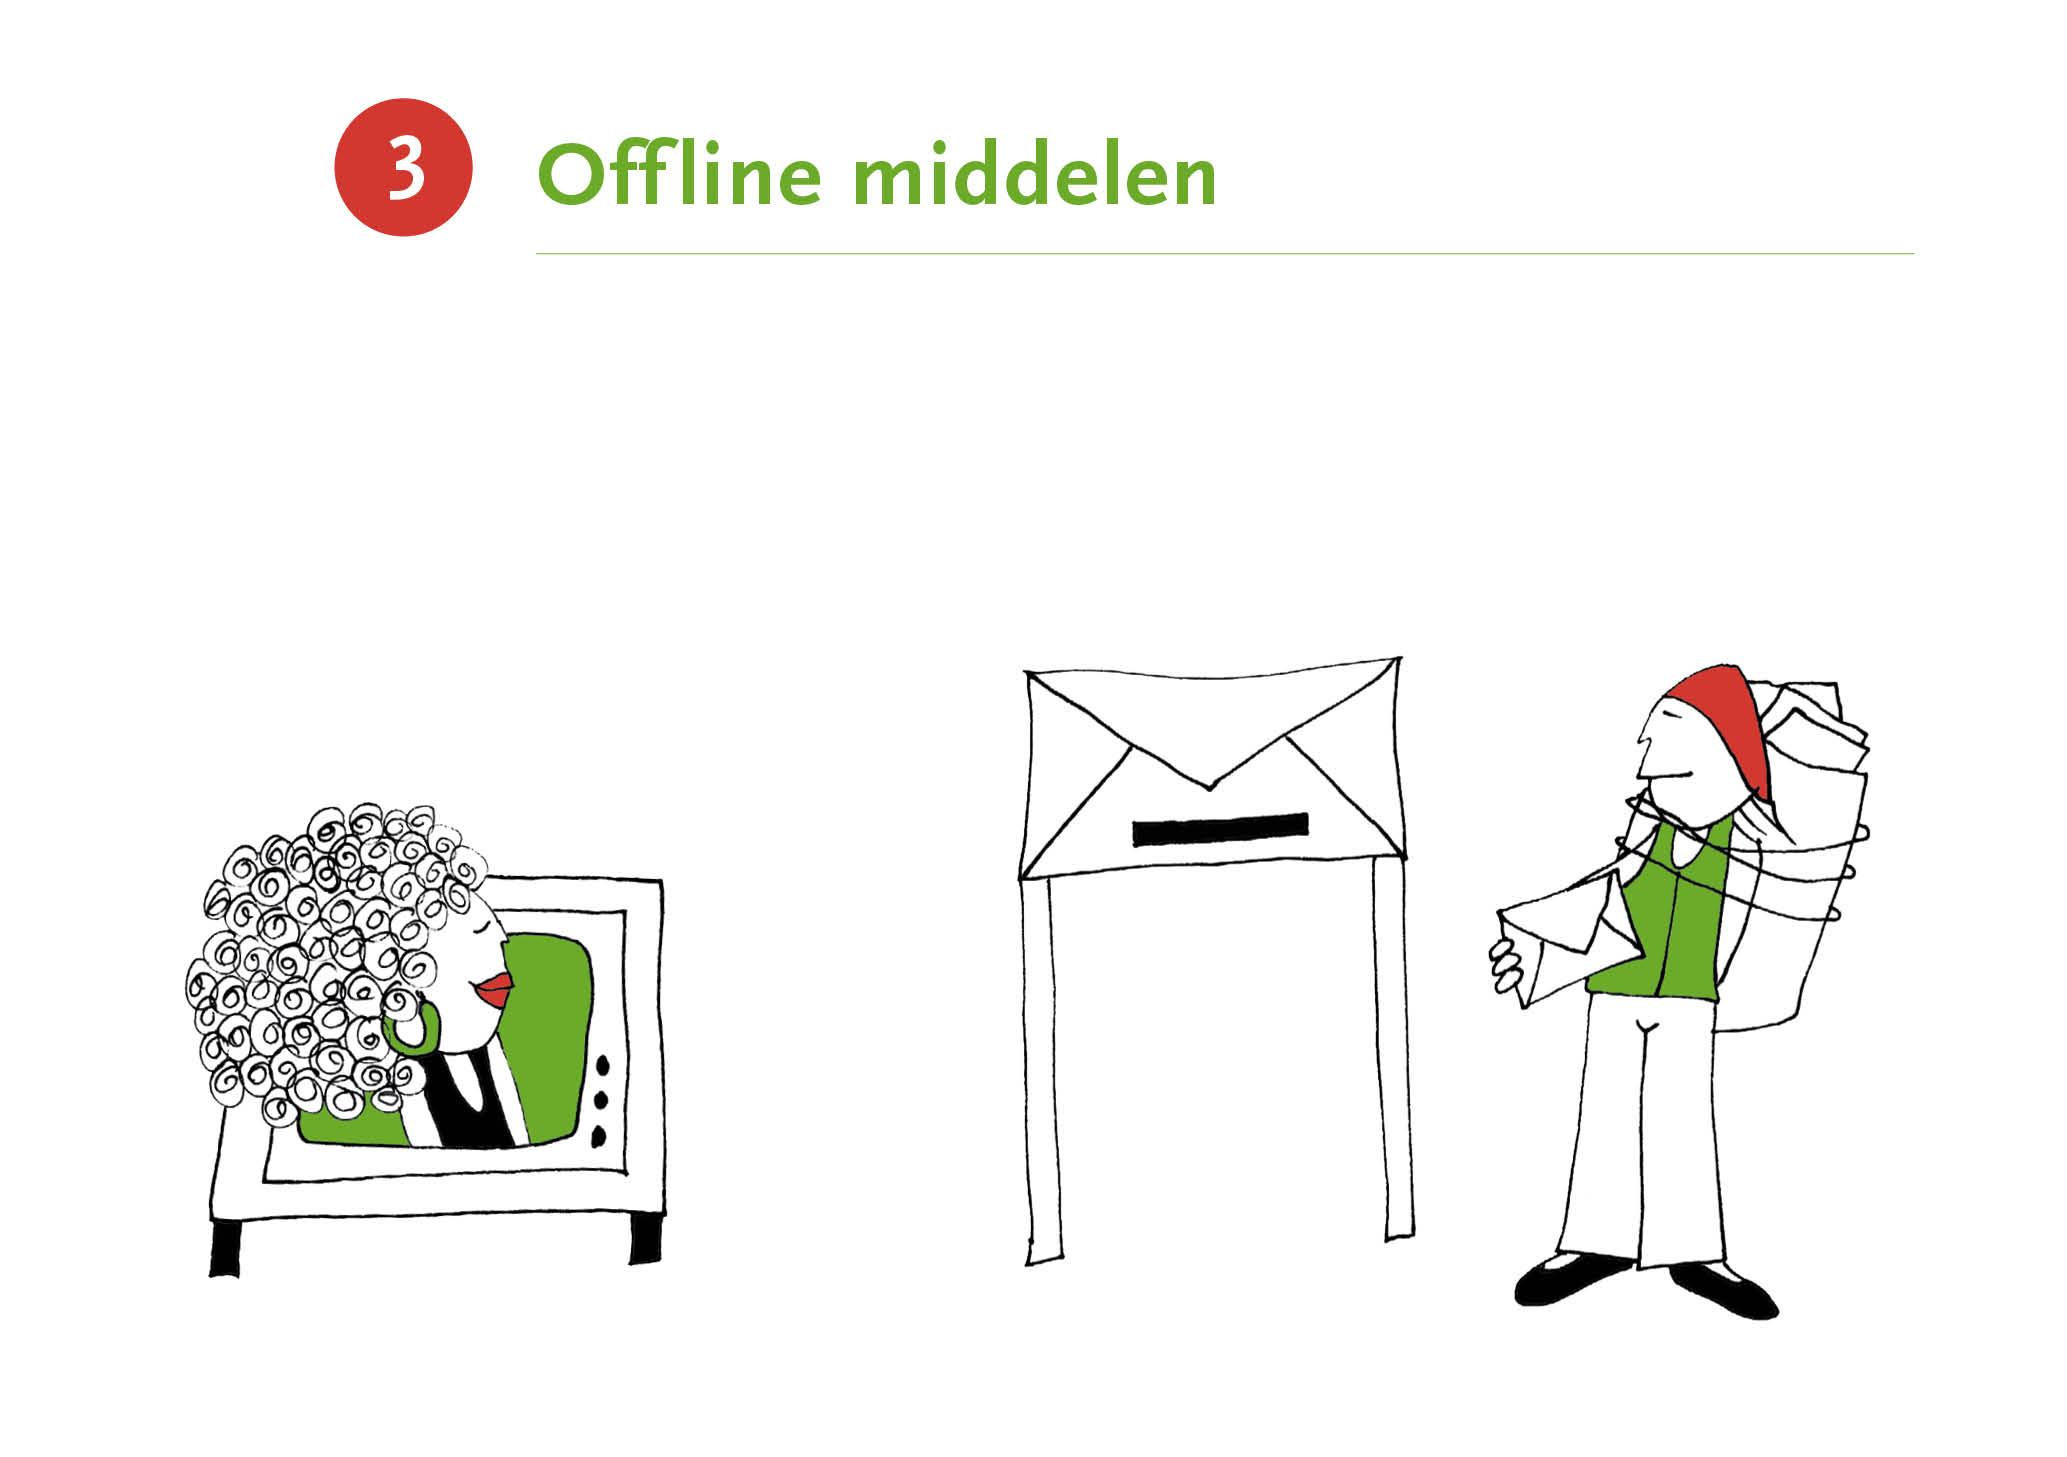 Illustratie met als titel 'Offline middelen'